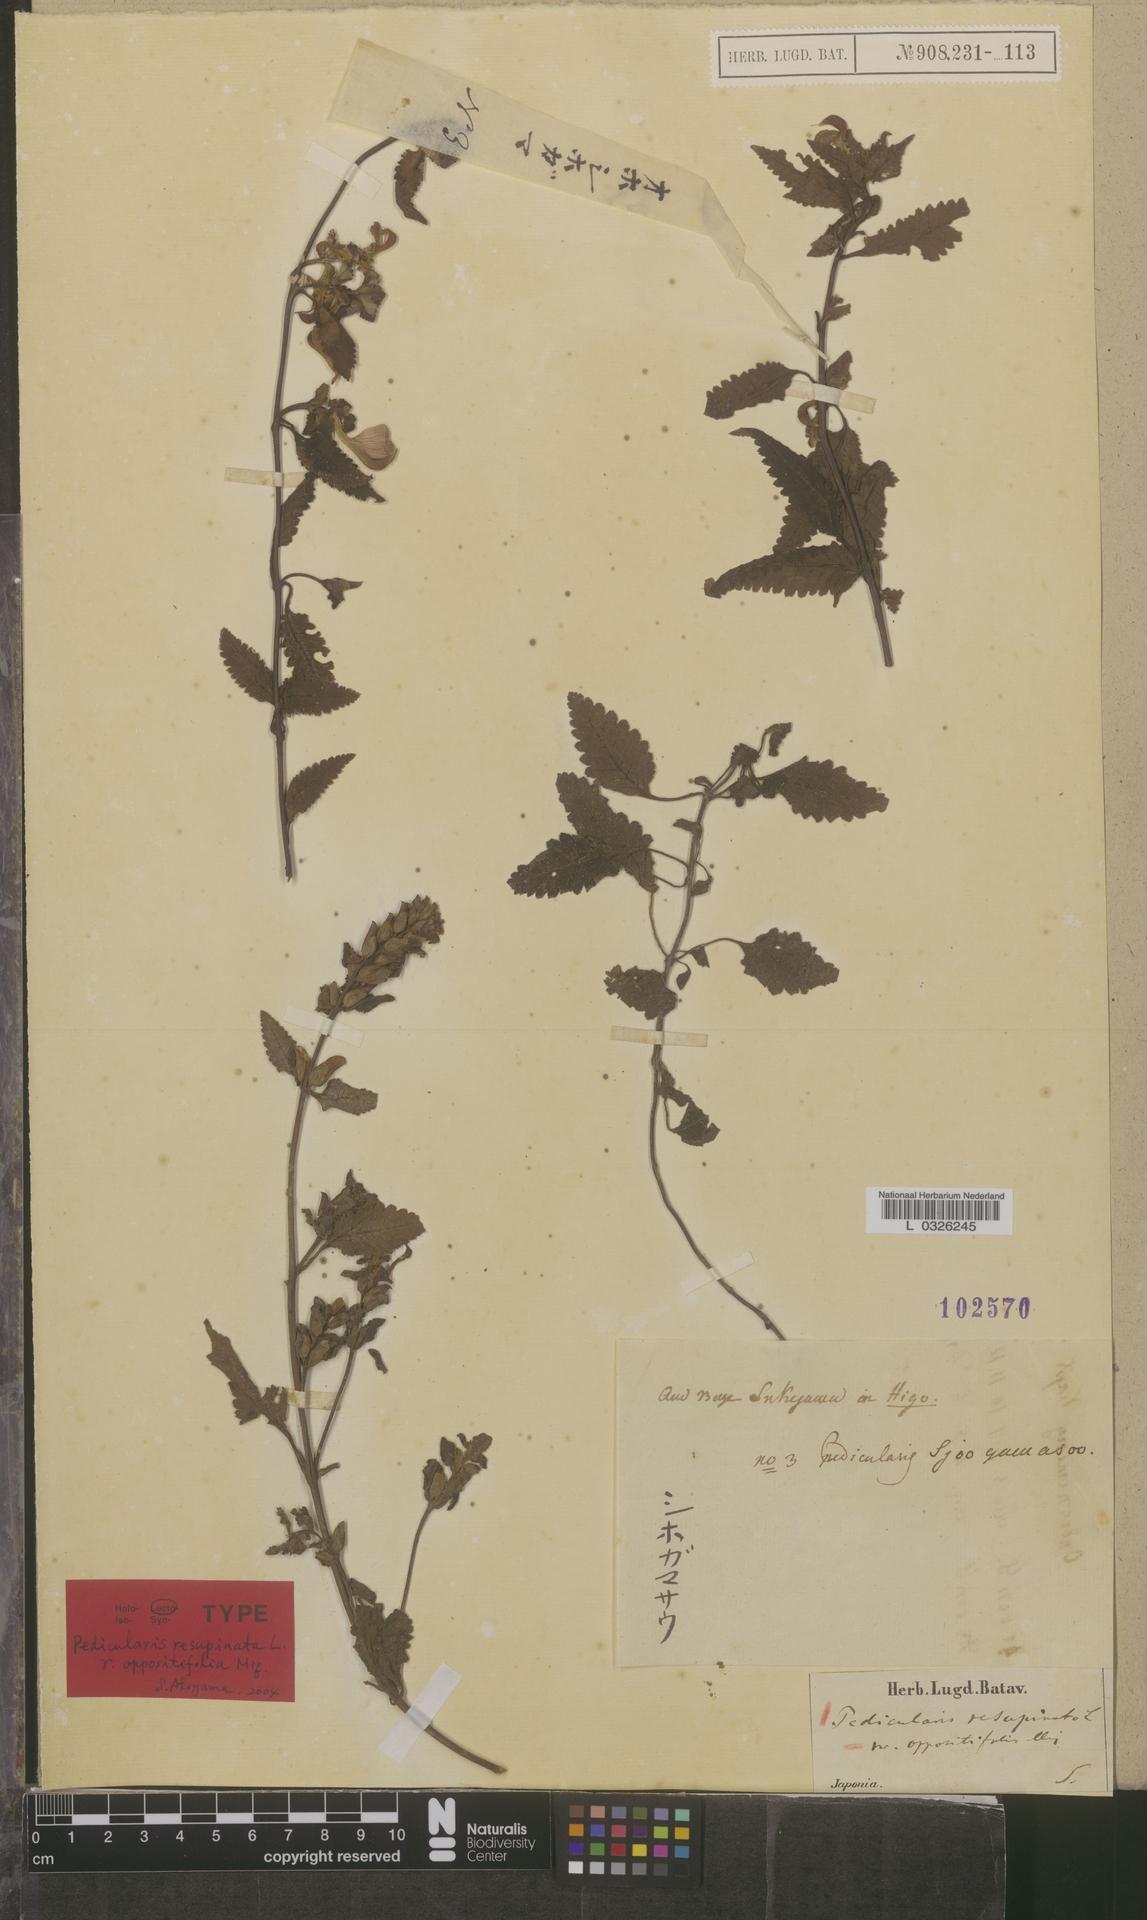 L  0326245 | Pedicularis resupinata var. oppositifolia Miq.